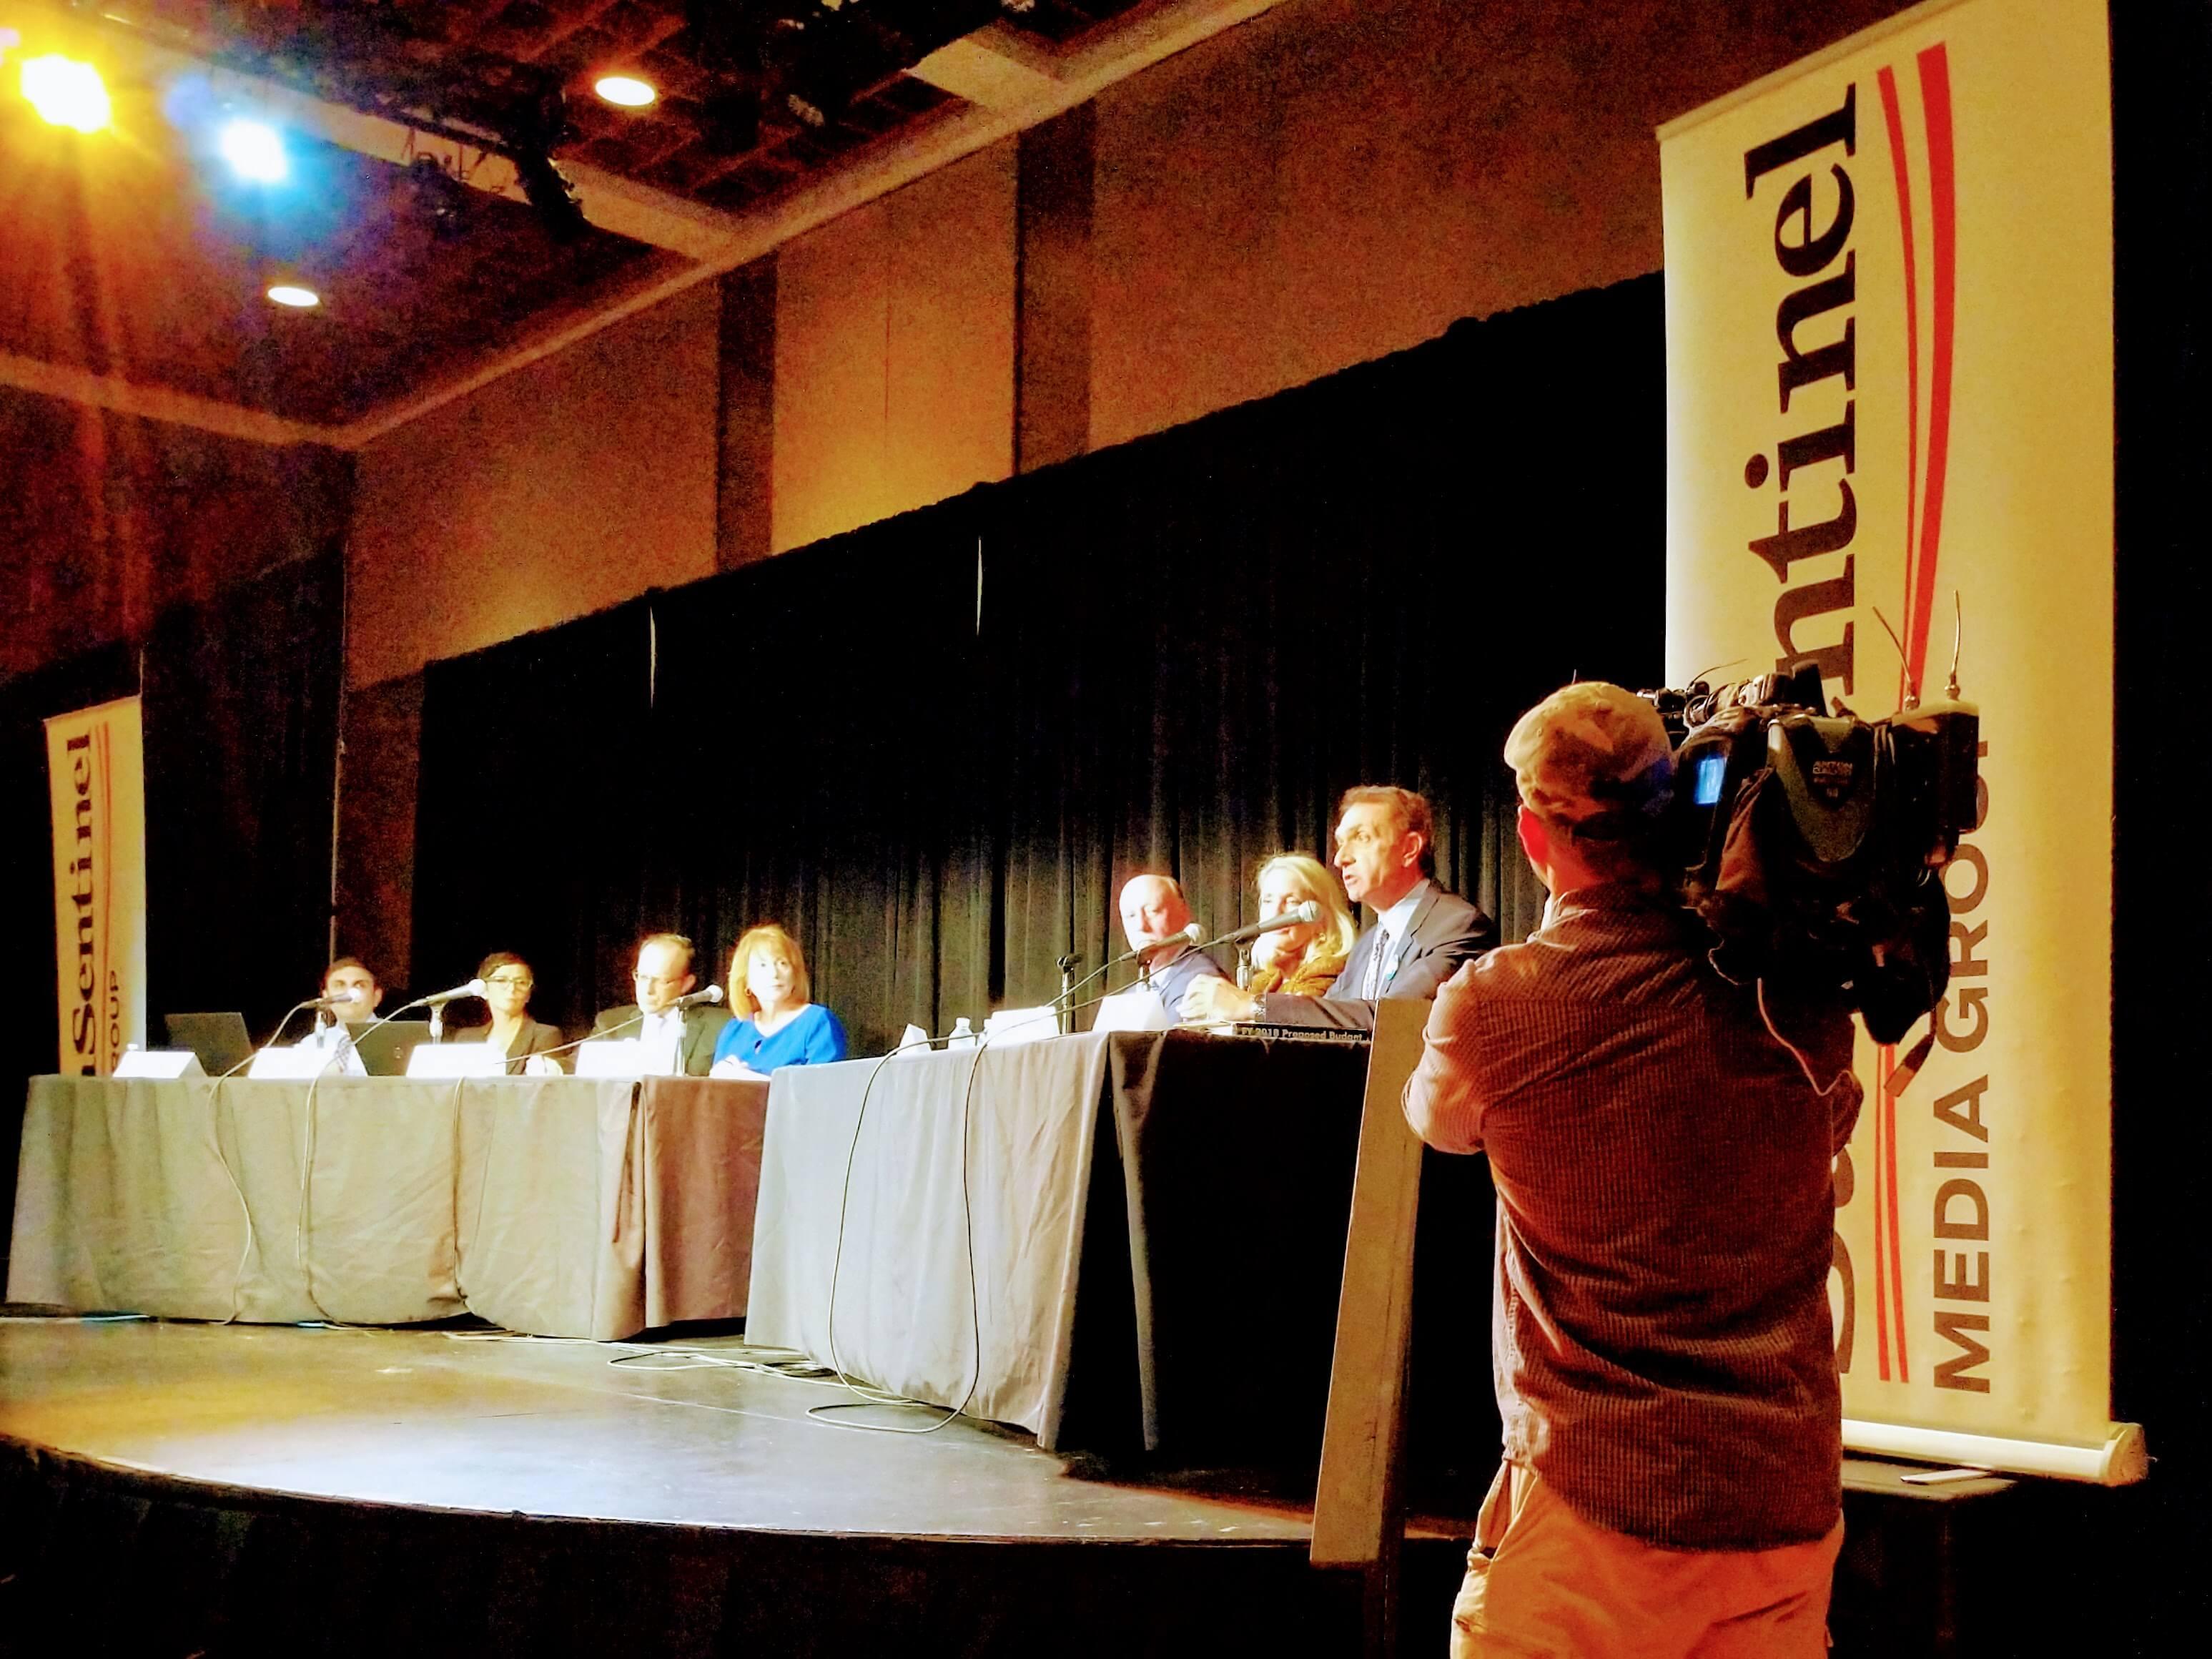 The Fort Lauderdale Mayoral Debate